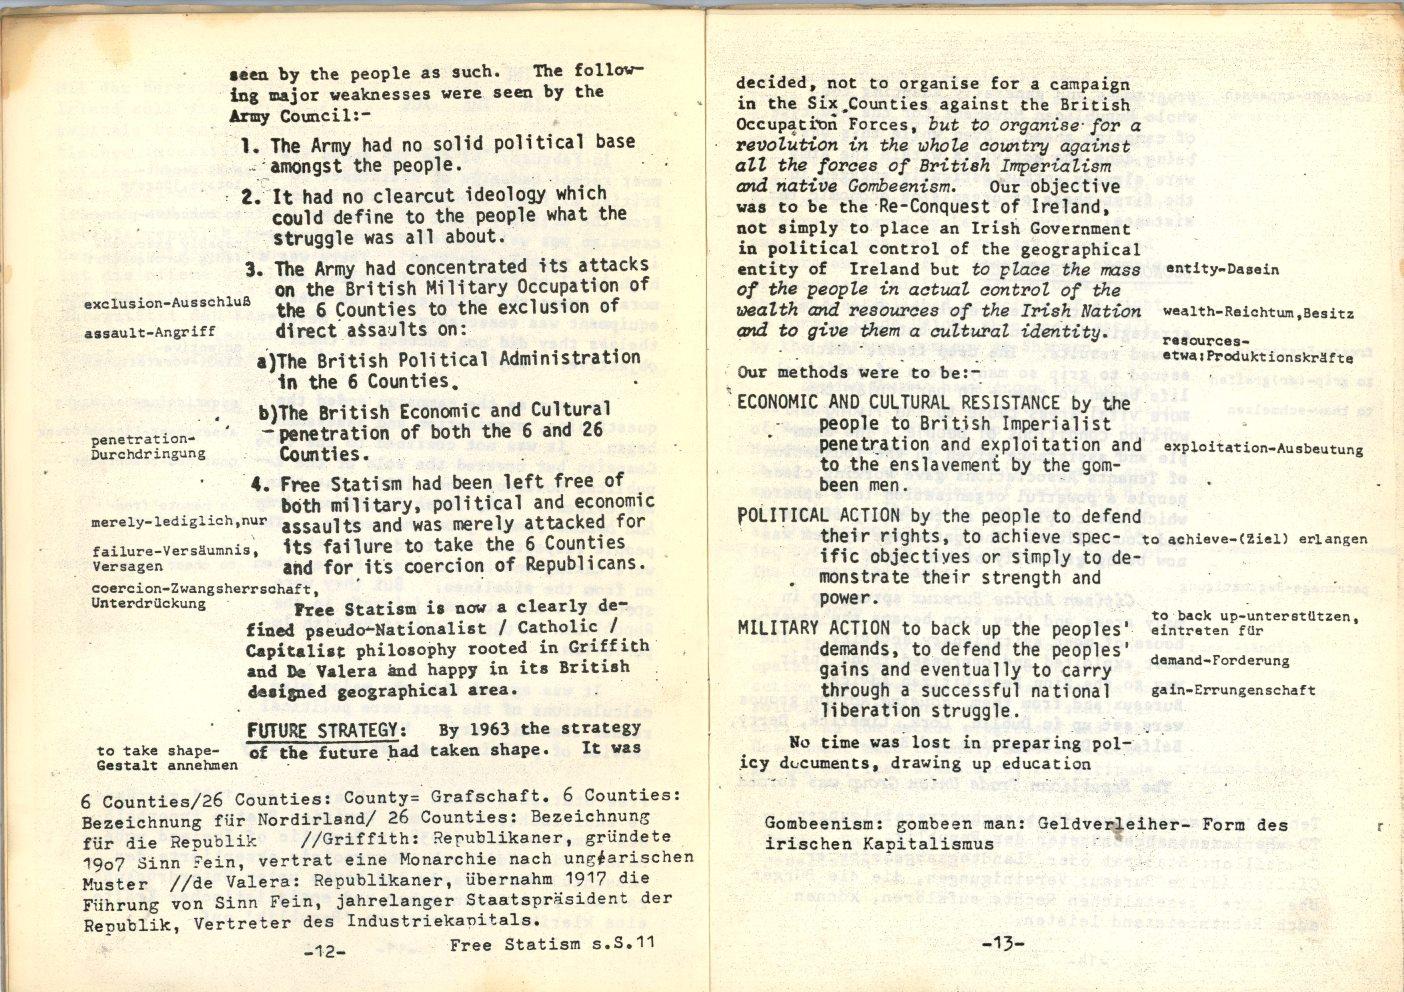 Berlin_Druckcooperative_1972_IRA_speaks_09